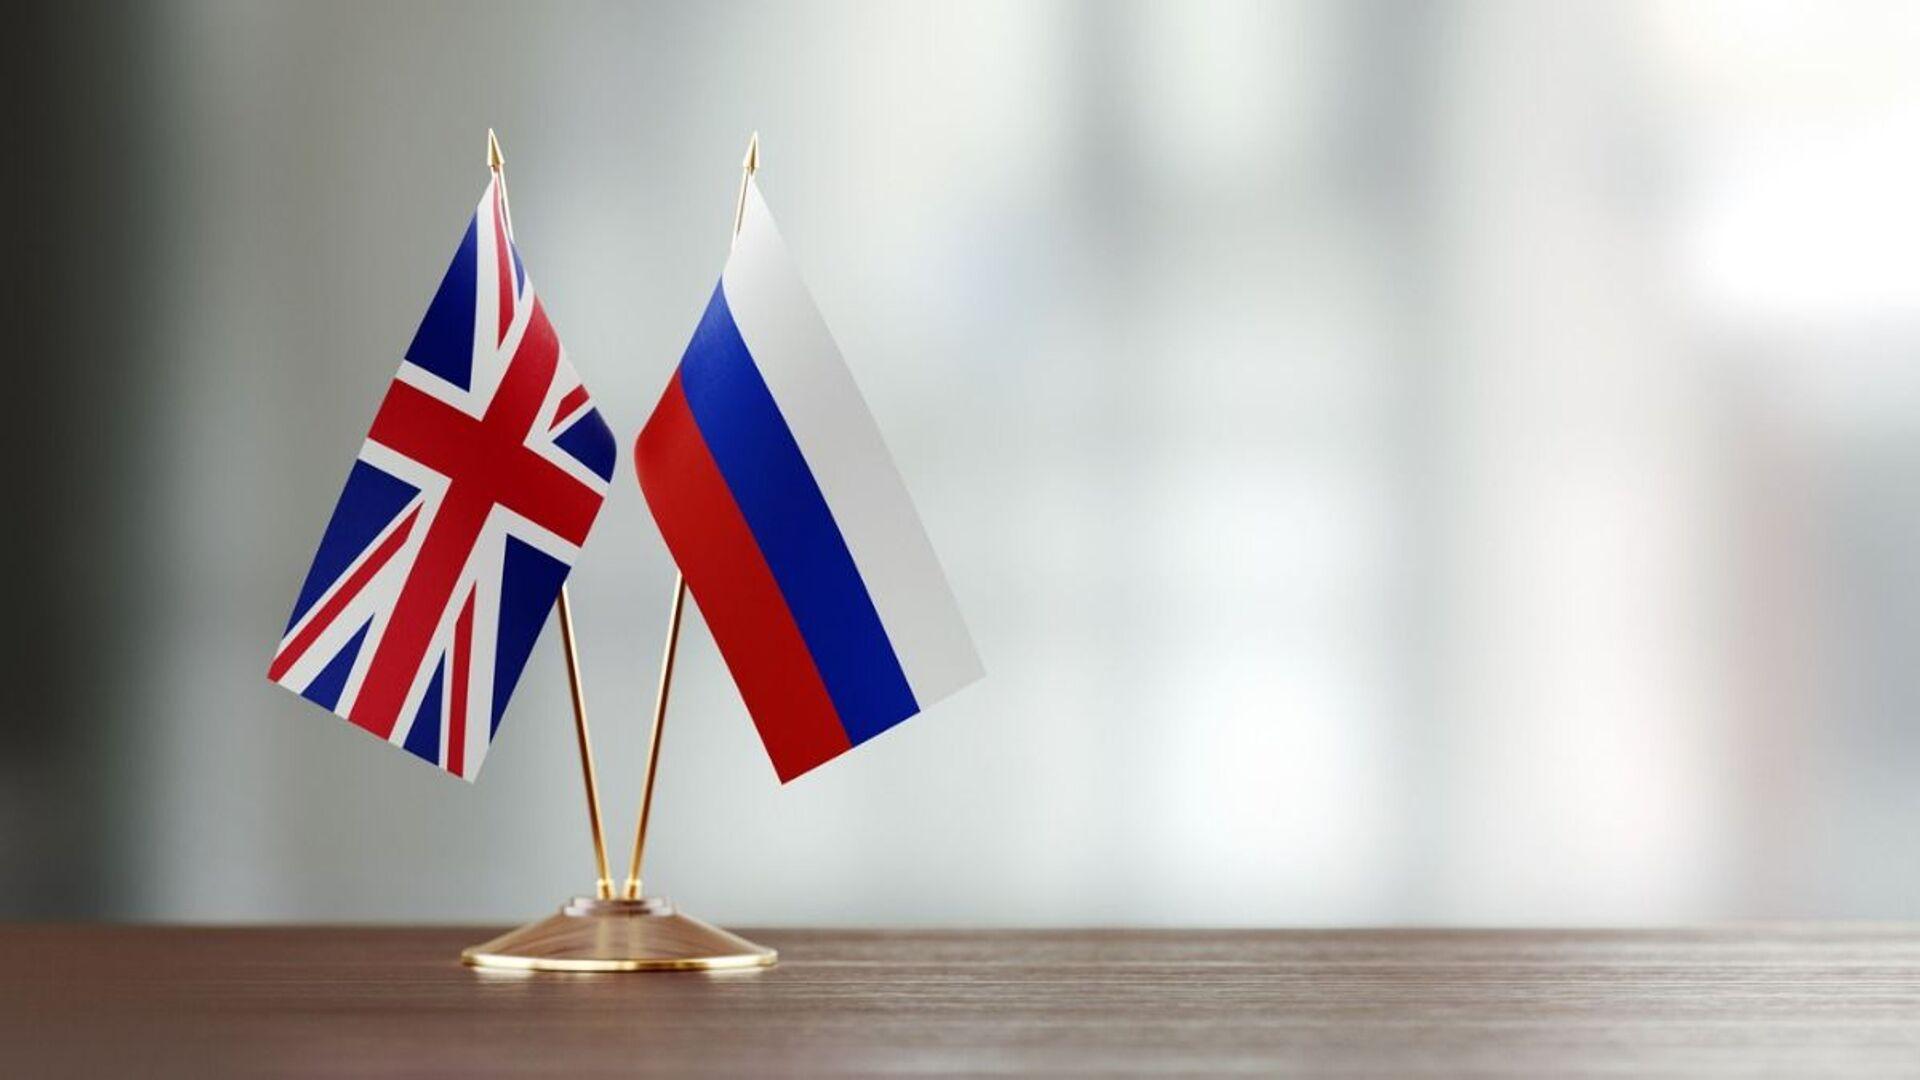 Rusya - İngiltere - Sputnik Türkiye, 1920, 22.03.2021